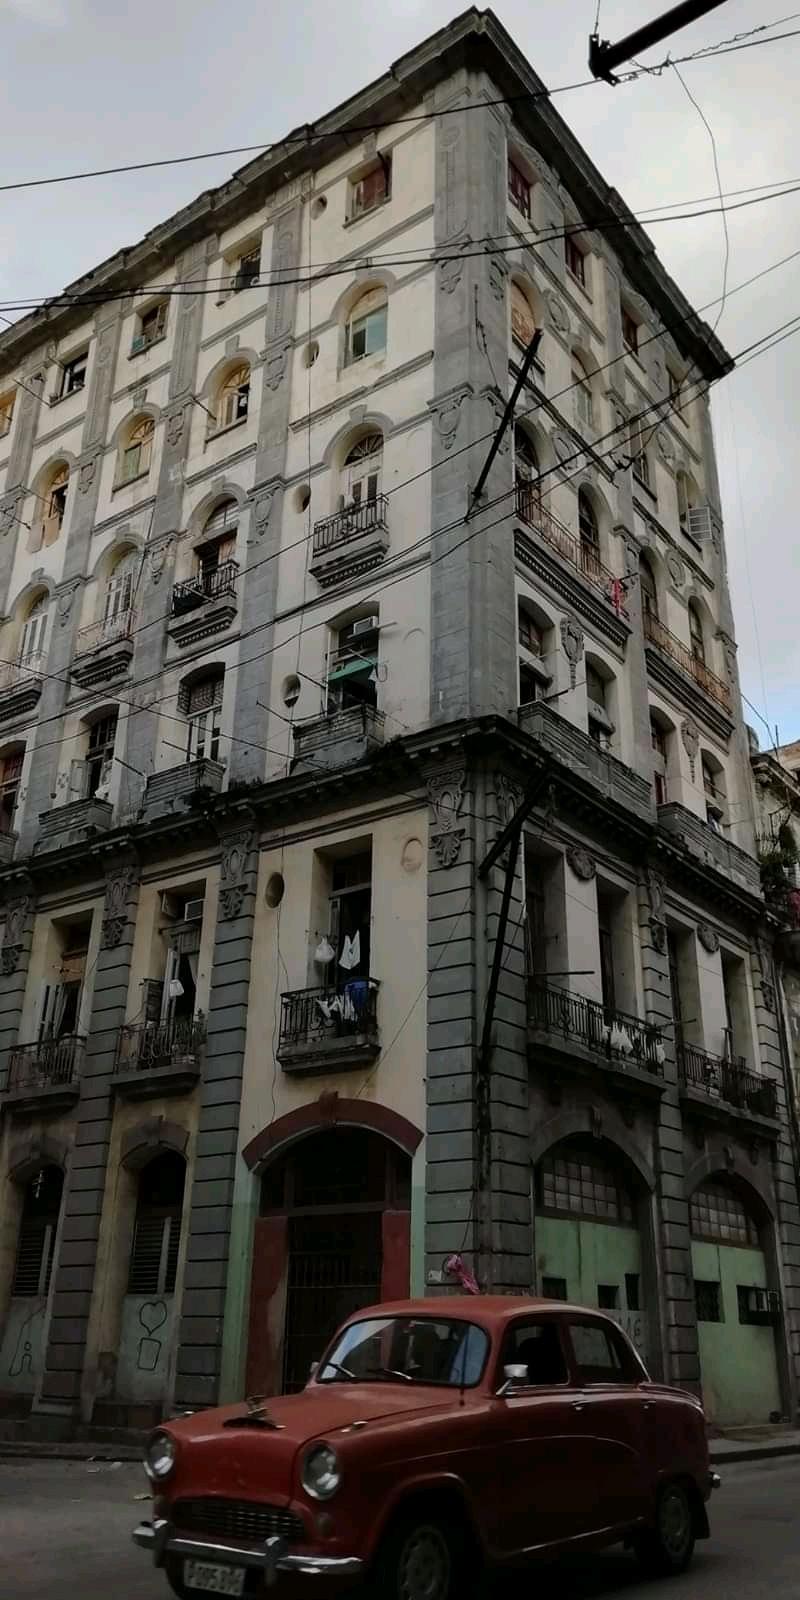 Hotel Ritz Habana calle Neptuno y Perseversncia